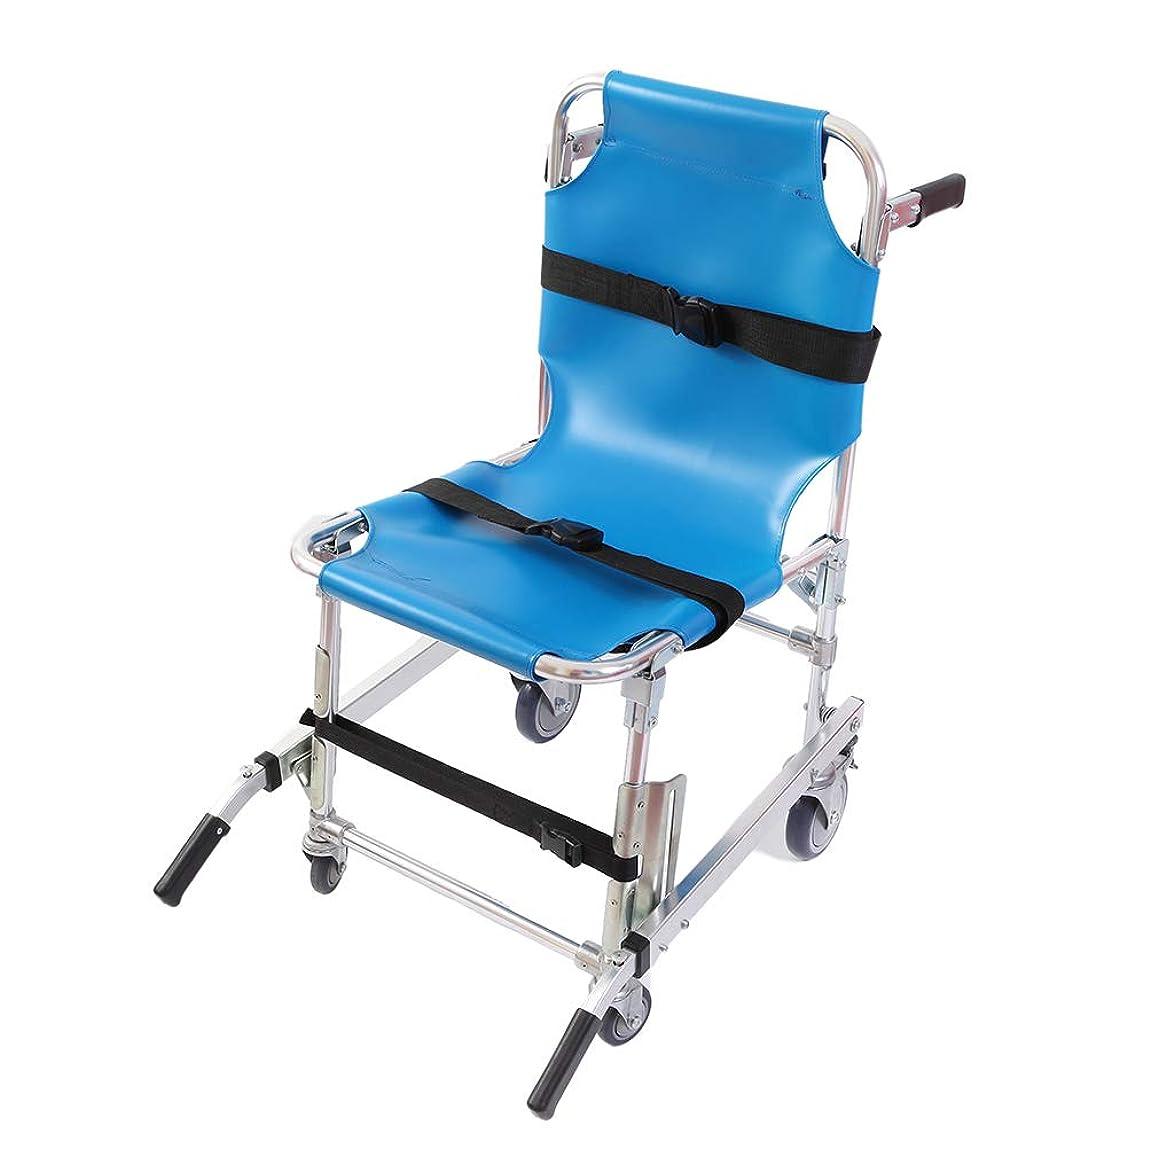 入学する航海の仕事に行くアルミ軽量EMS階段椅子緊急避難医療リフト階段椅子クイックリリースバックル付き、ブルー